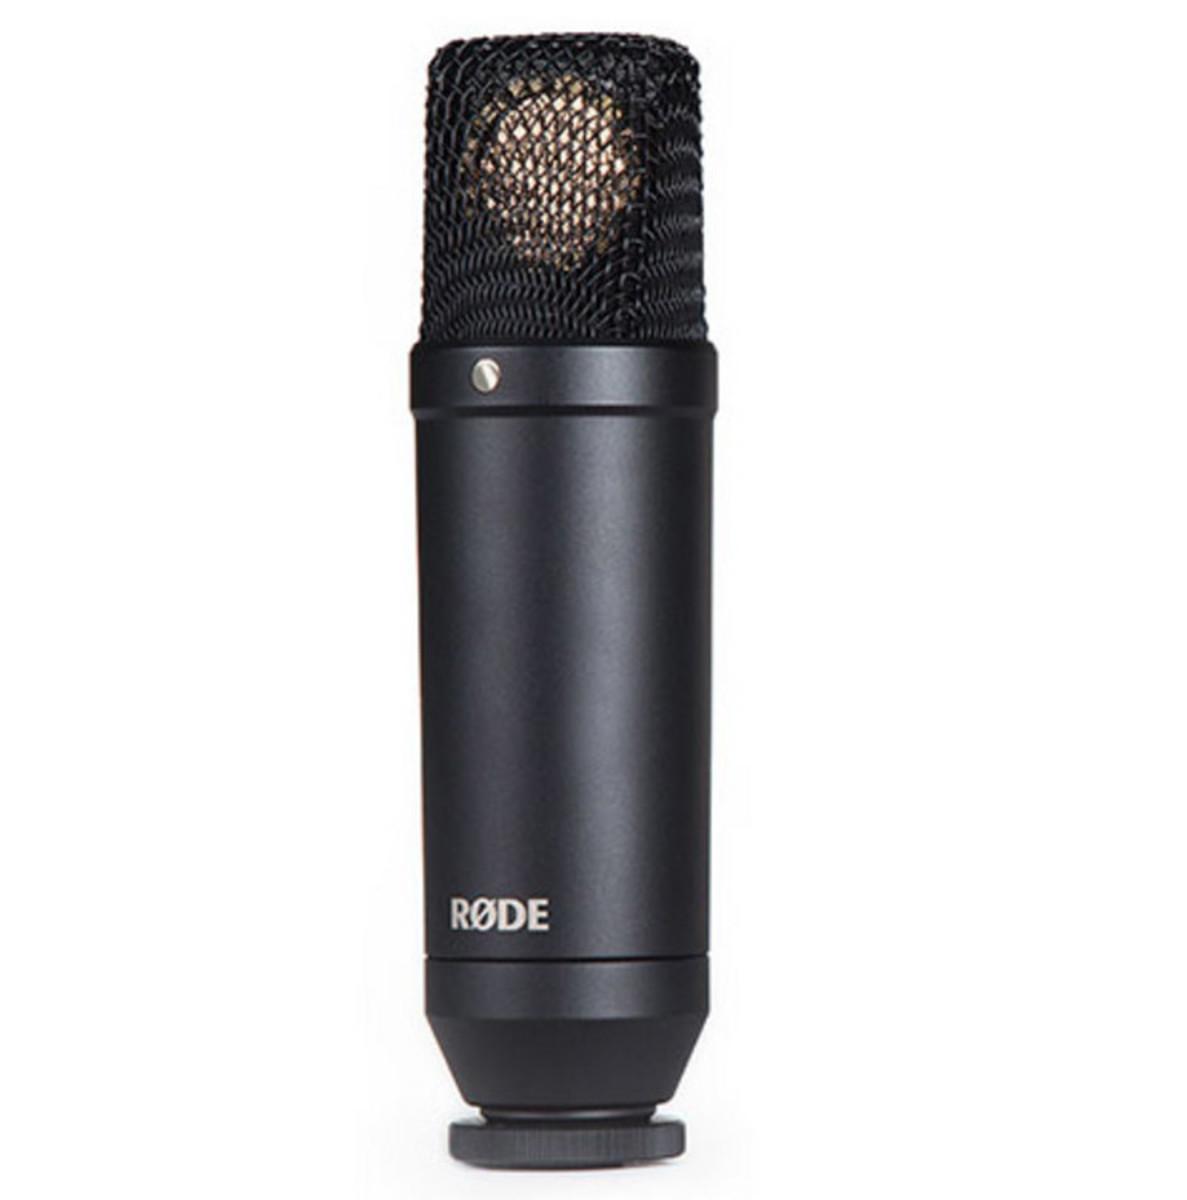 Rode Nt1 Microphone : rode nt1 condenser microphone at ~ Hamham.info Haus und Dekorationen